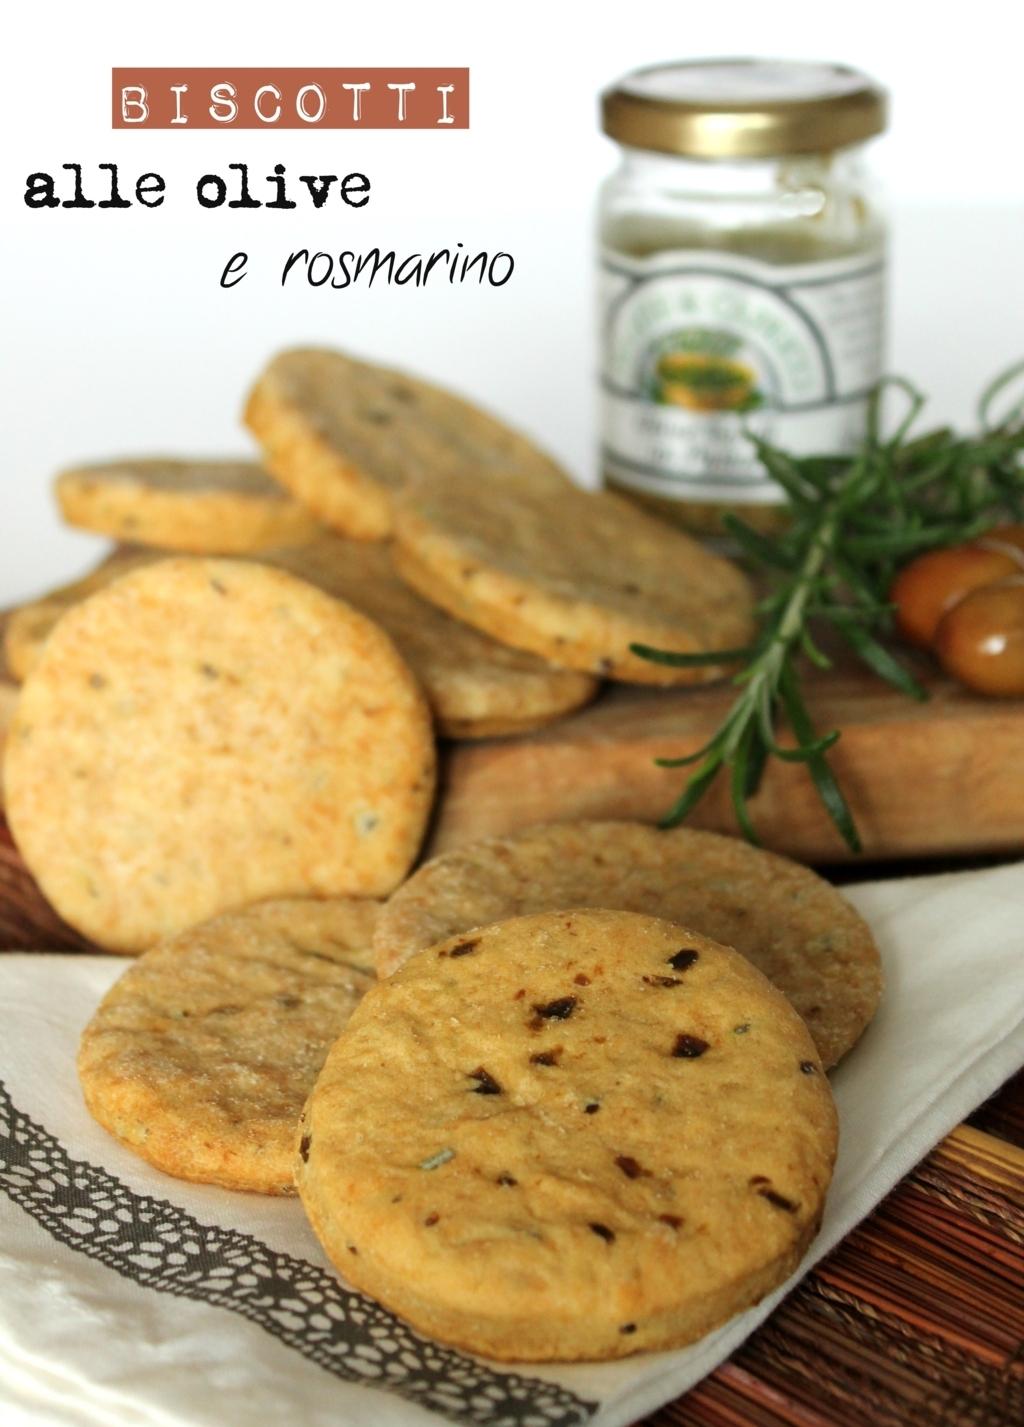 biscotti alle olive e rosmarino